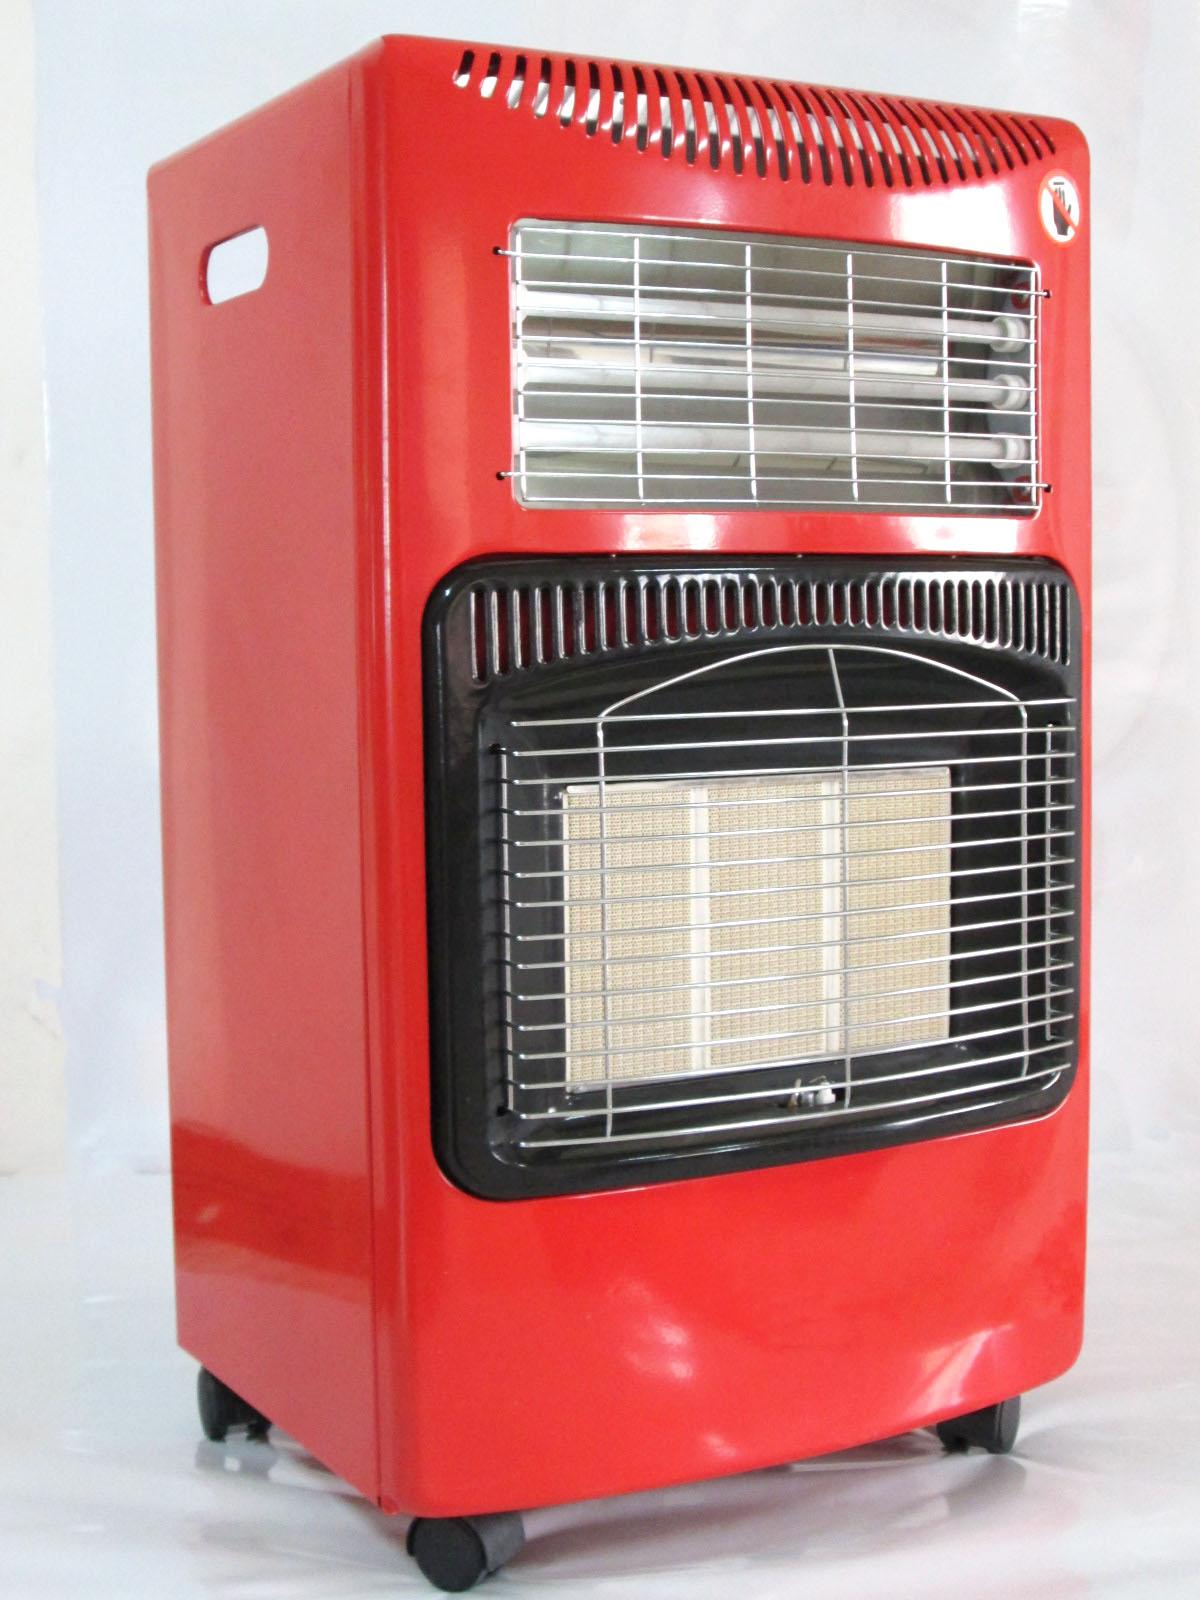 Calefaccion Electrica O Gas Top Venta Industrial Ollas Inoxidable